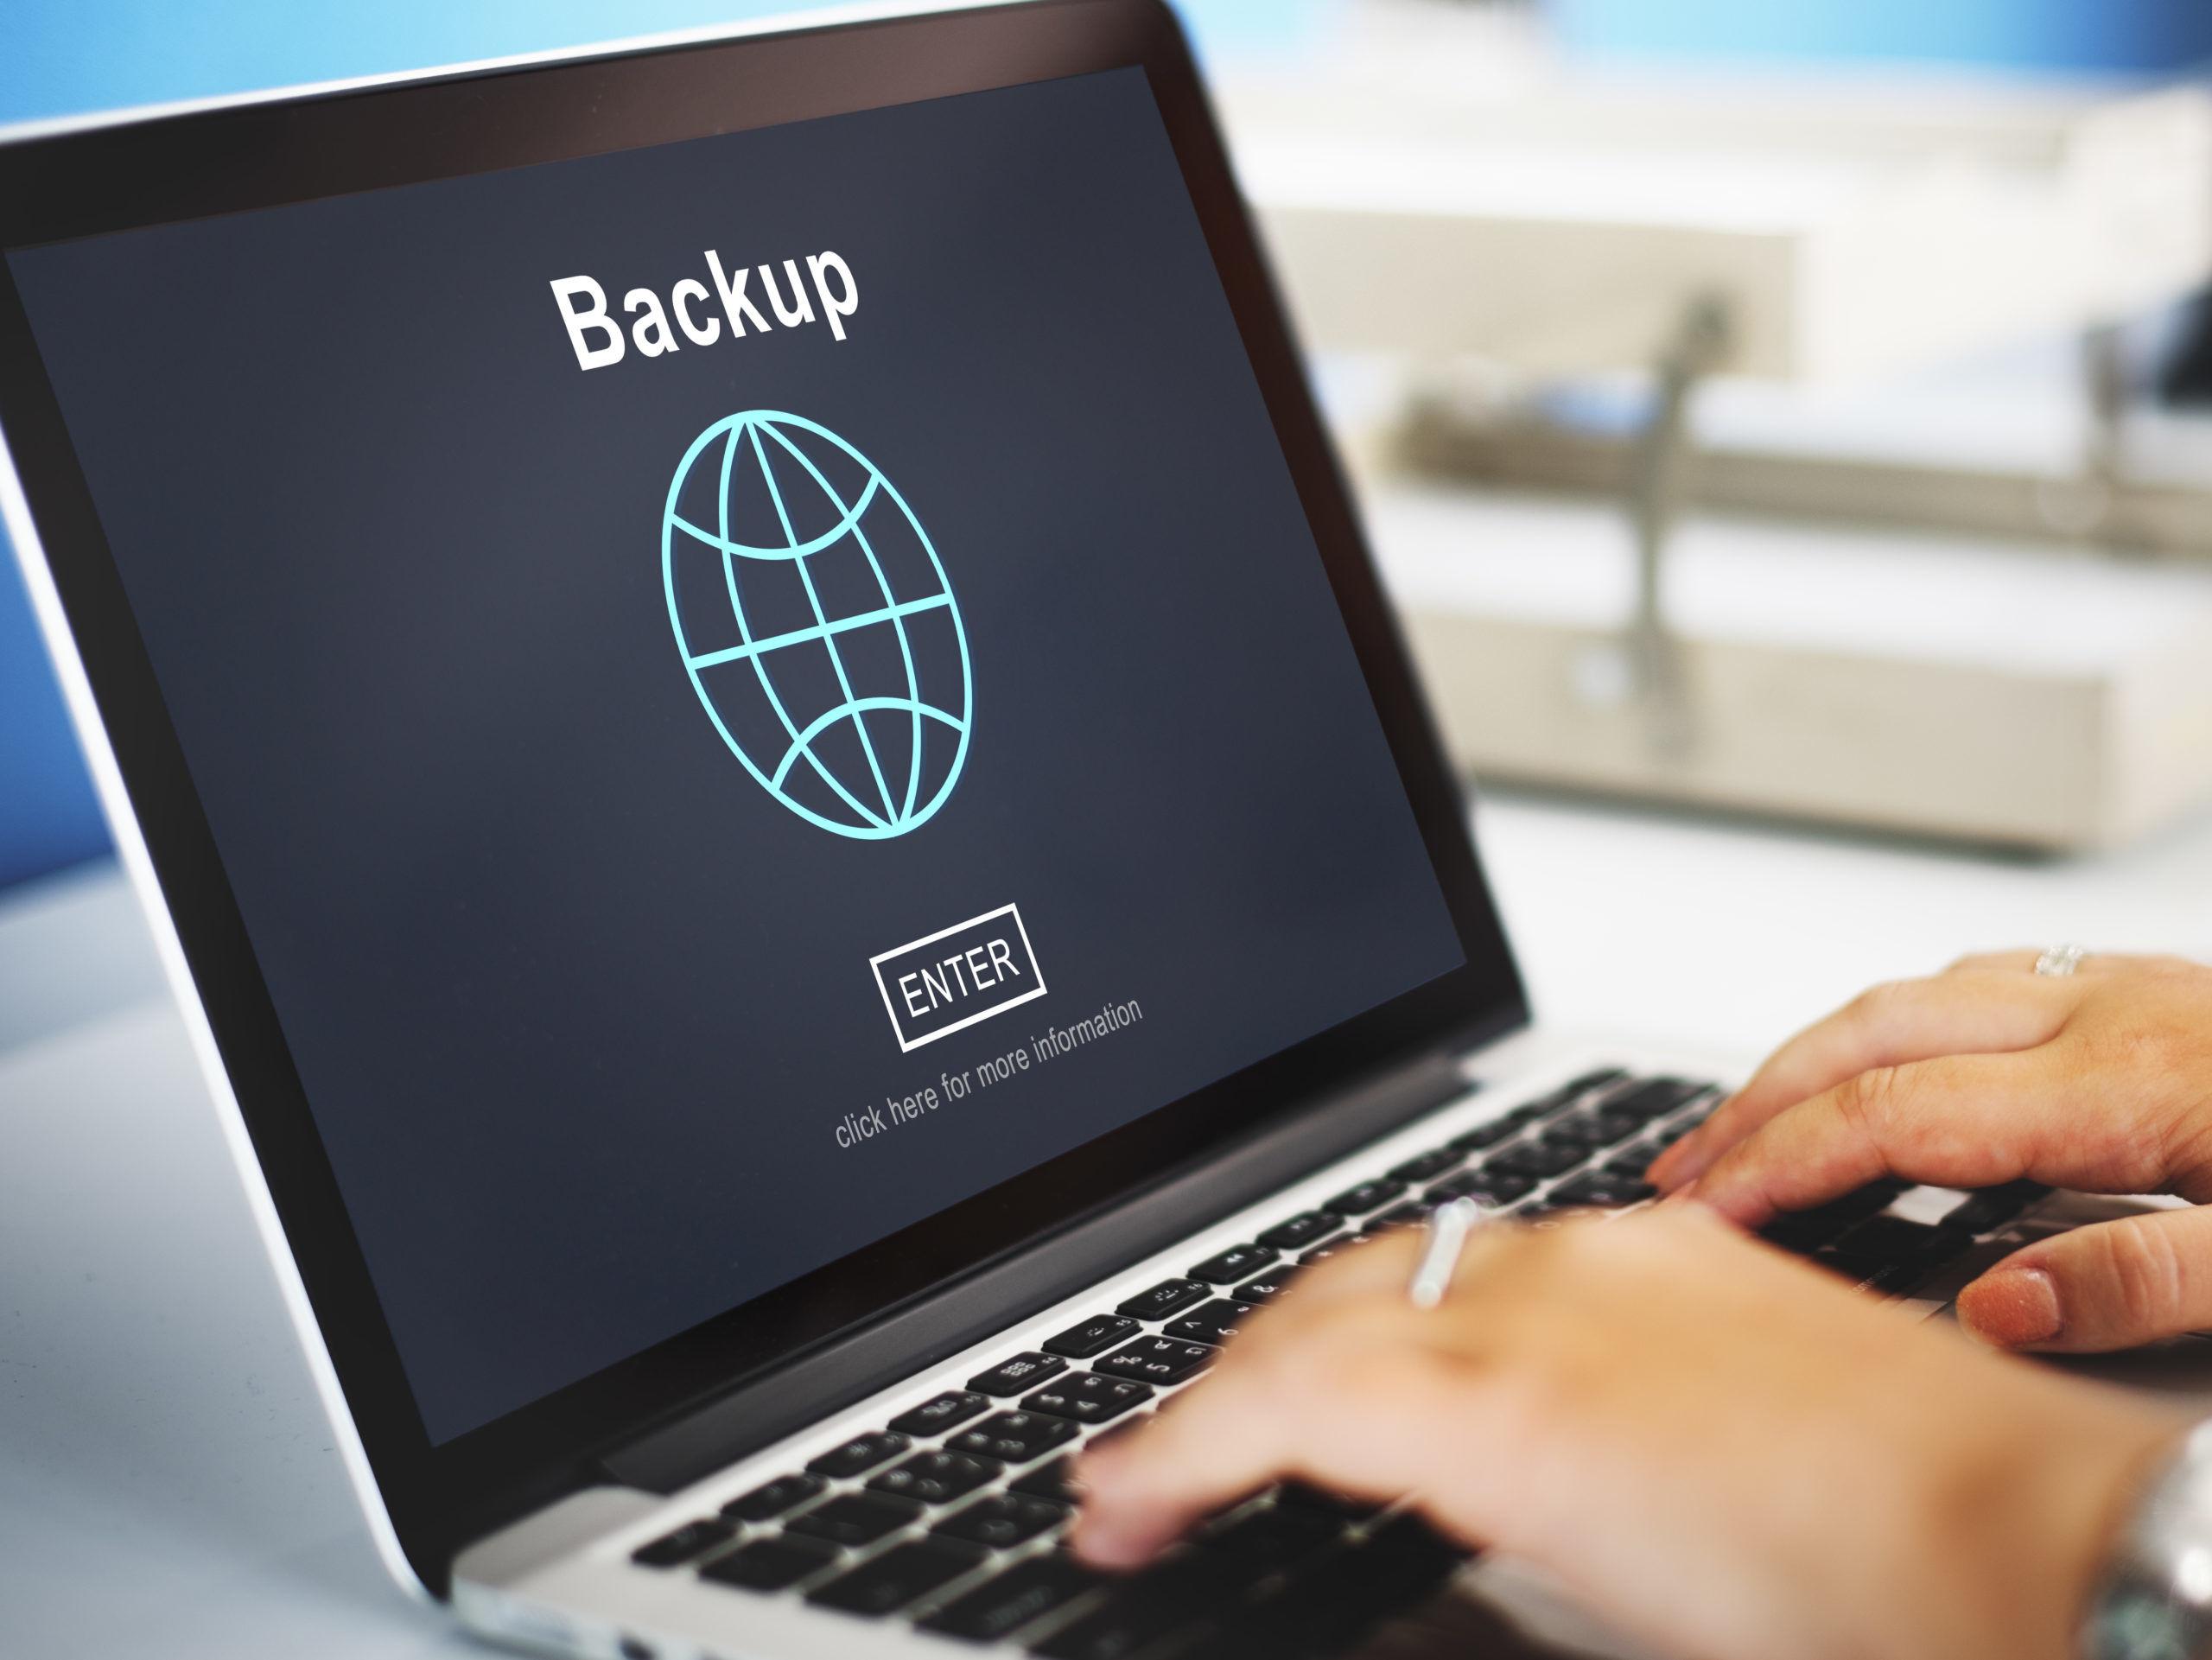 Programa de copia de seguridad segundo a segundo para Windows